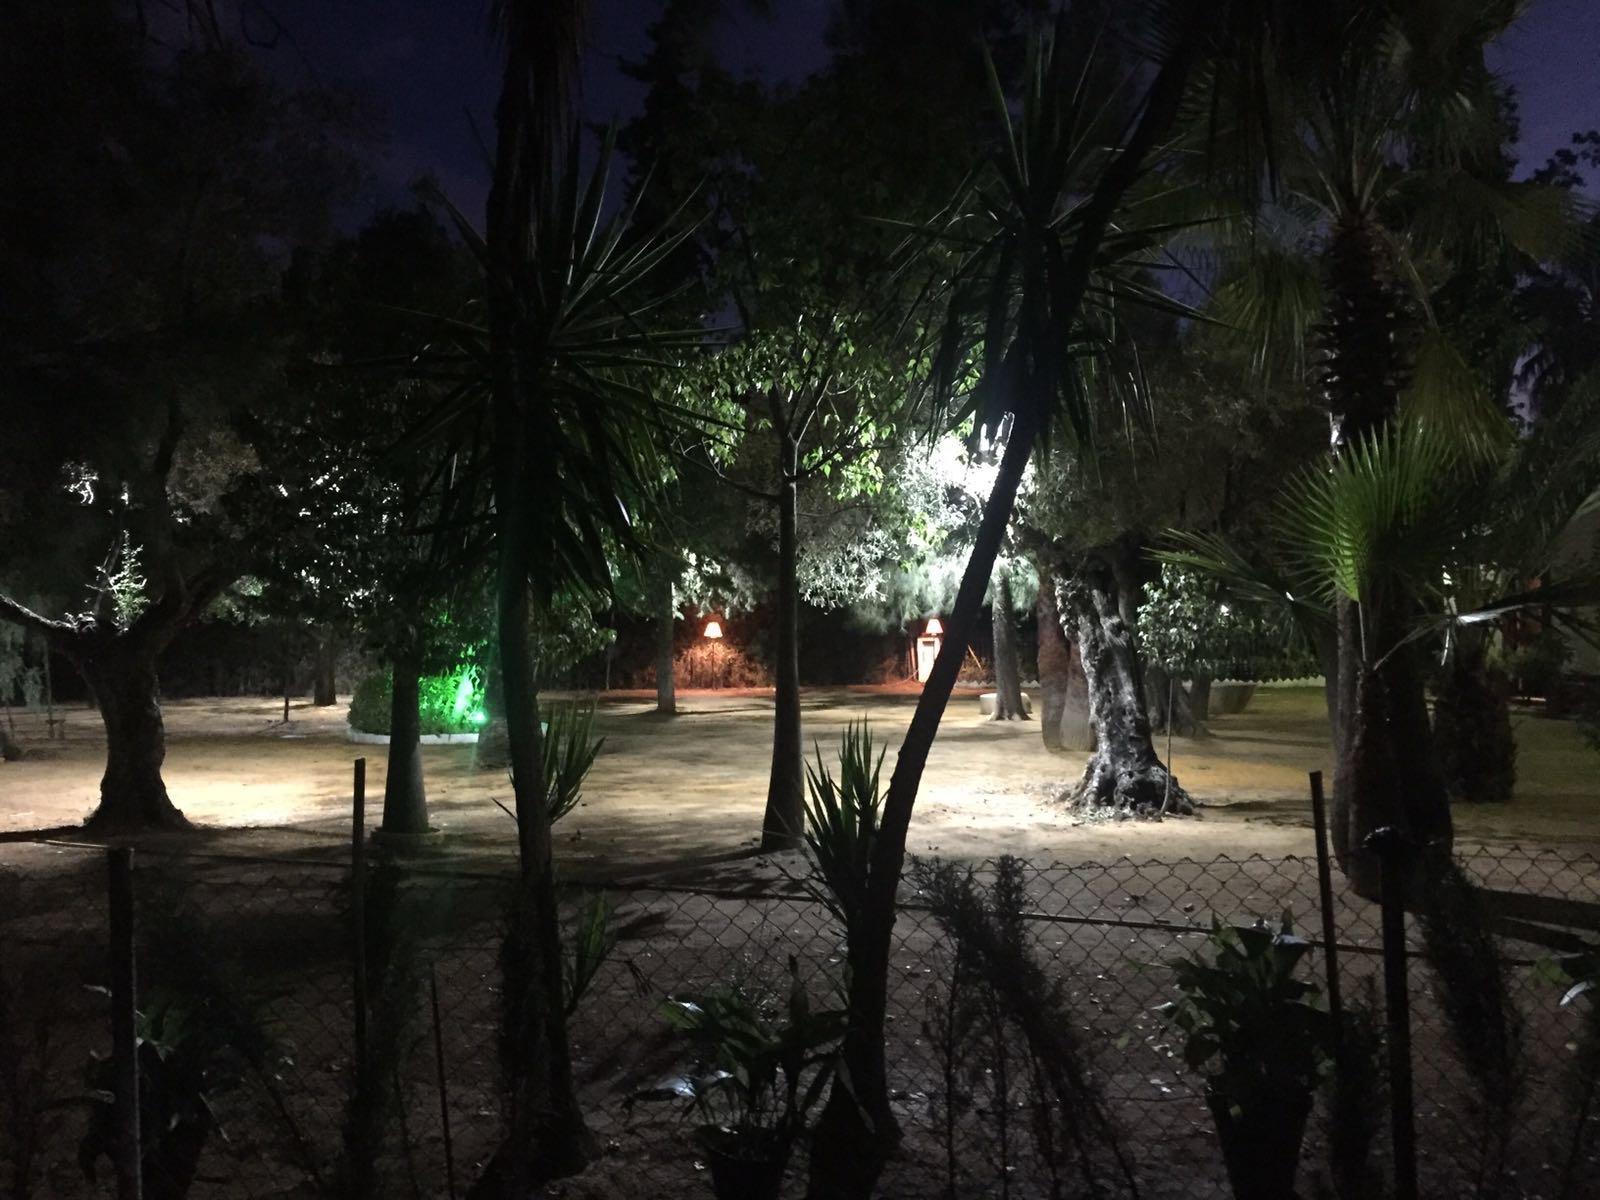 Iluminacion para jardin beautiful como hemos comentado en - Iluminacion para jardines exteriores ...